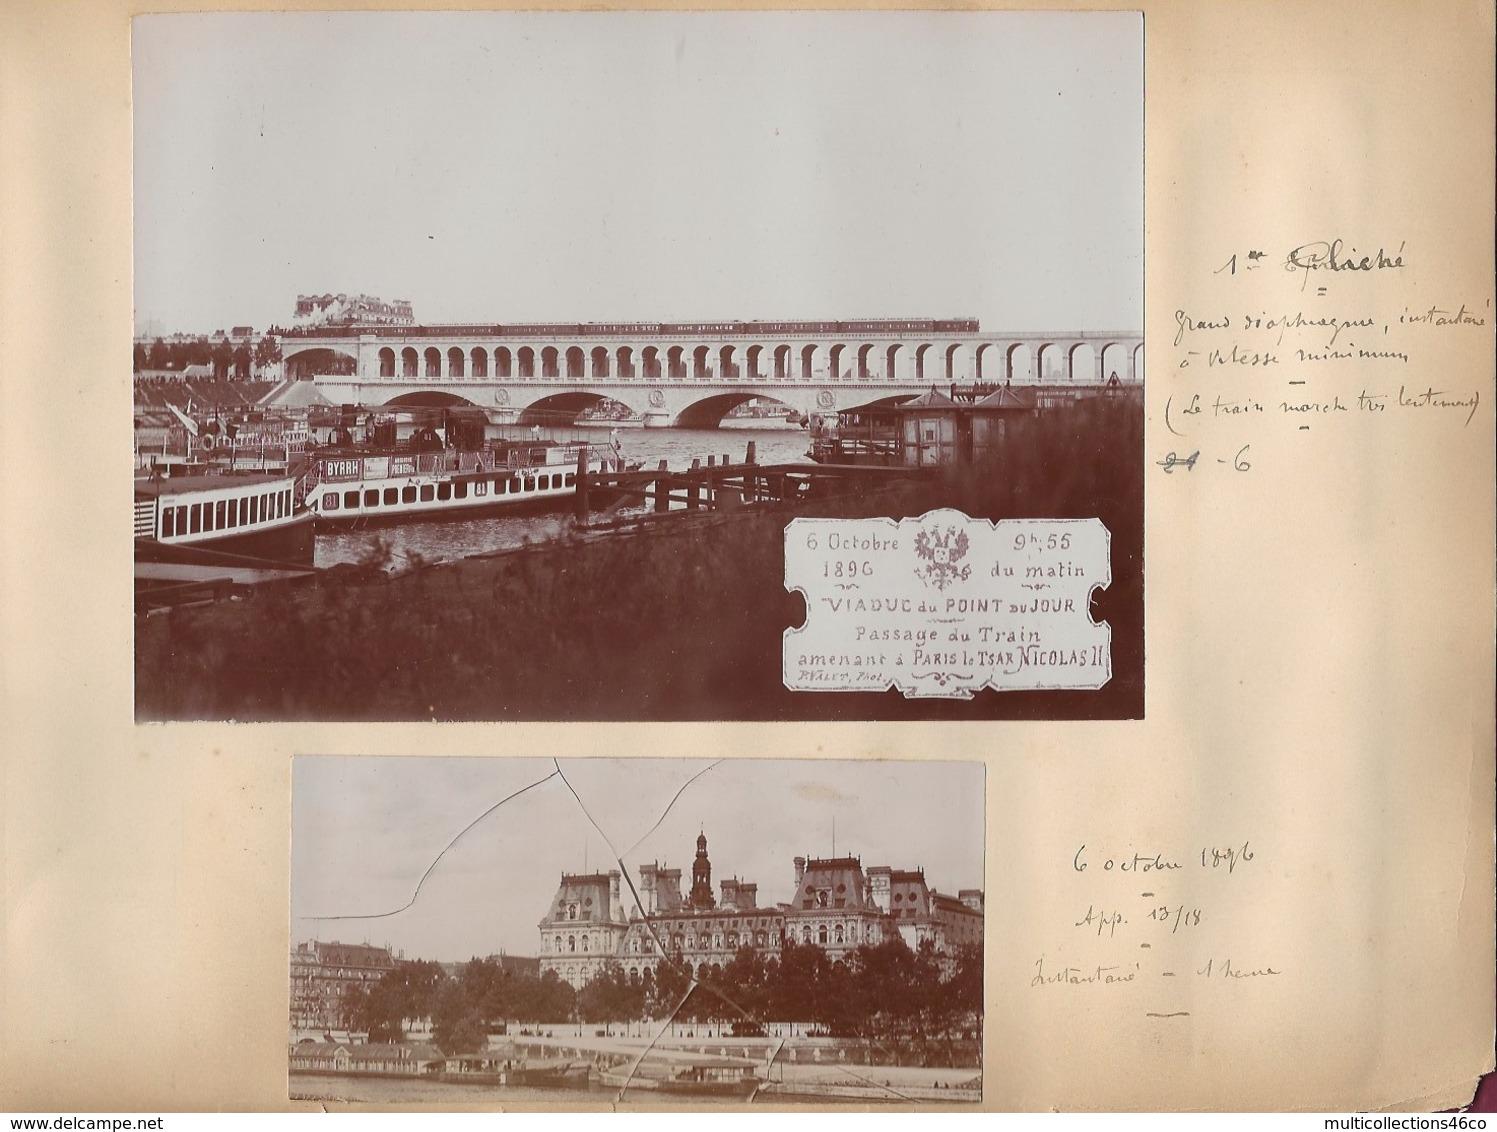 240919C - 4 PHOTOS 1896 - 75 PARIS Viaduc Du Point Du Jour Passage Du Train RUSSIE Tsar NICOLAS II Concorde Seine - Bridges